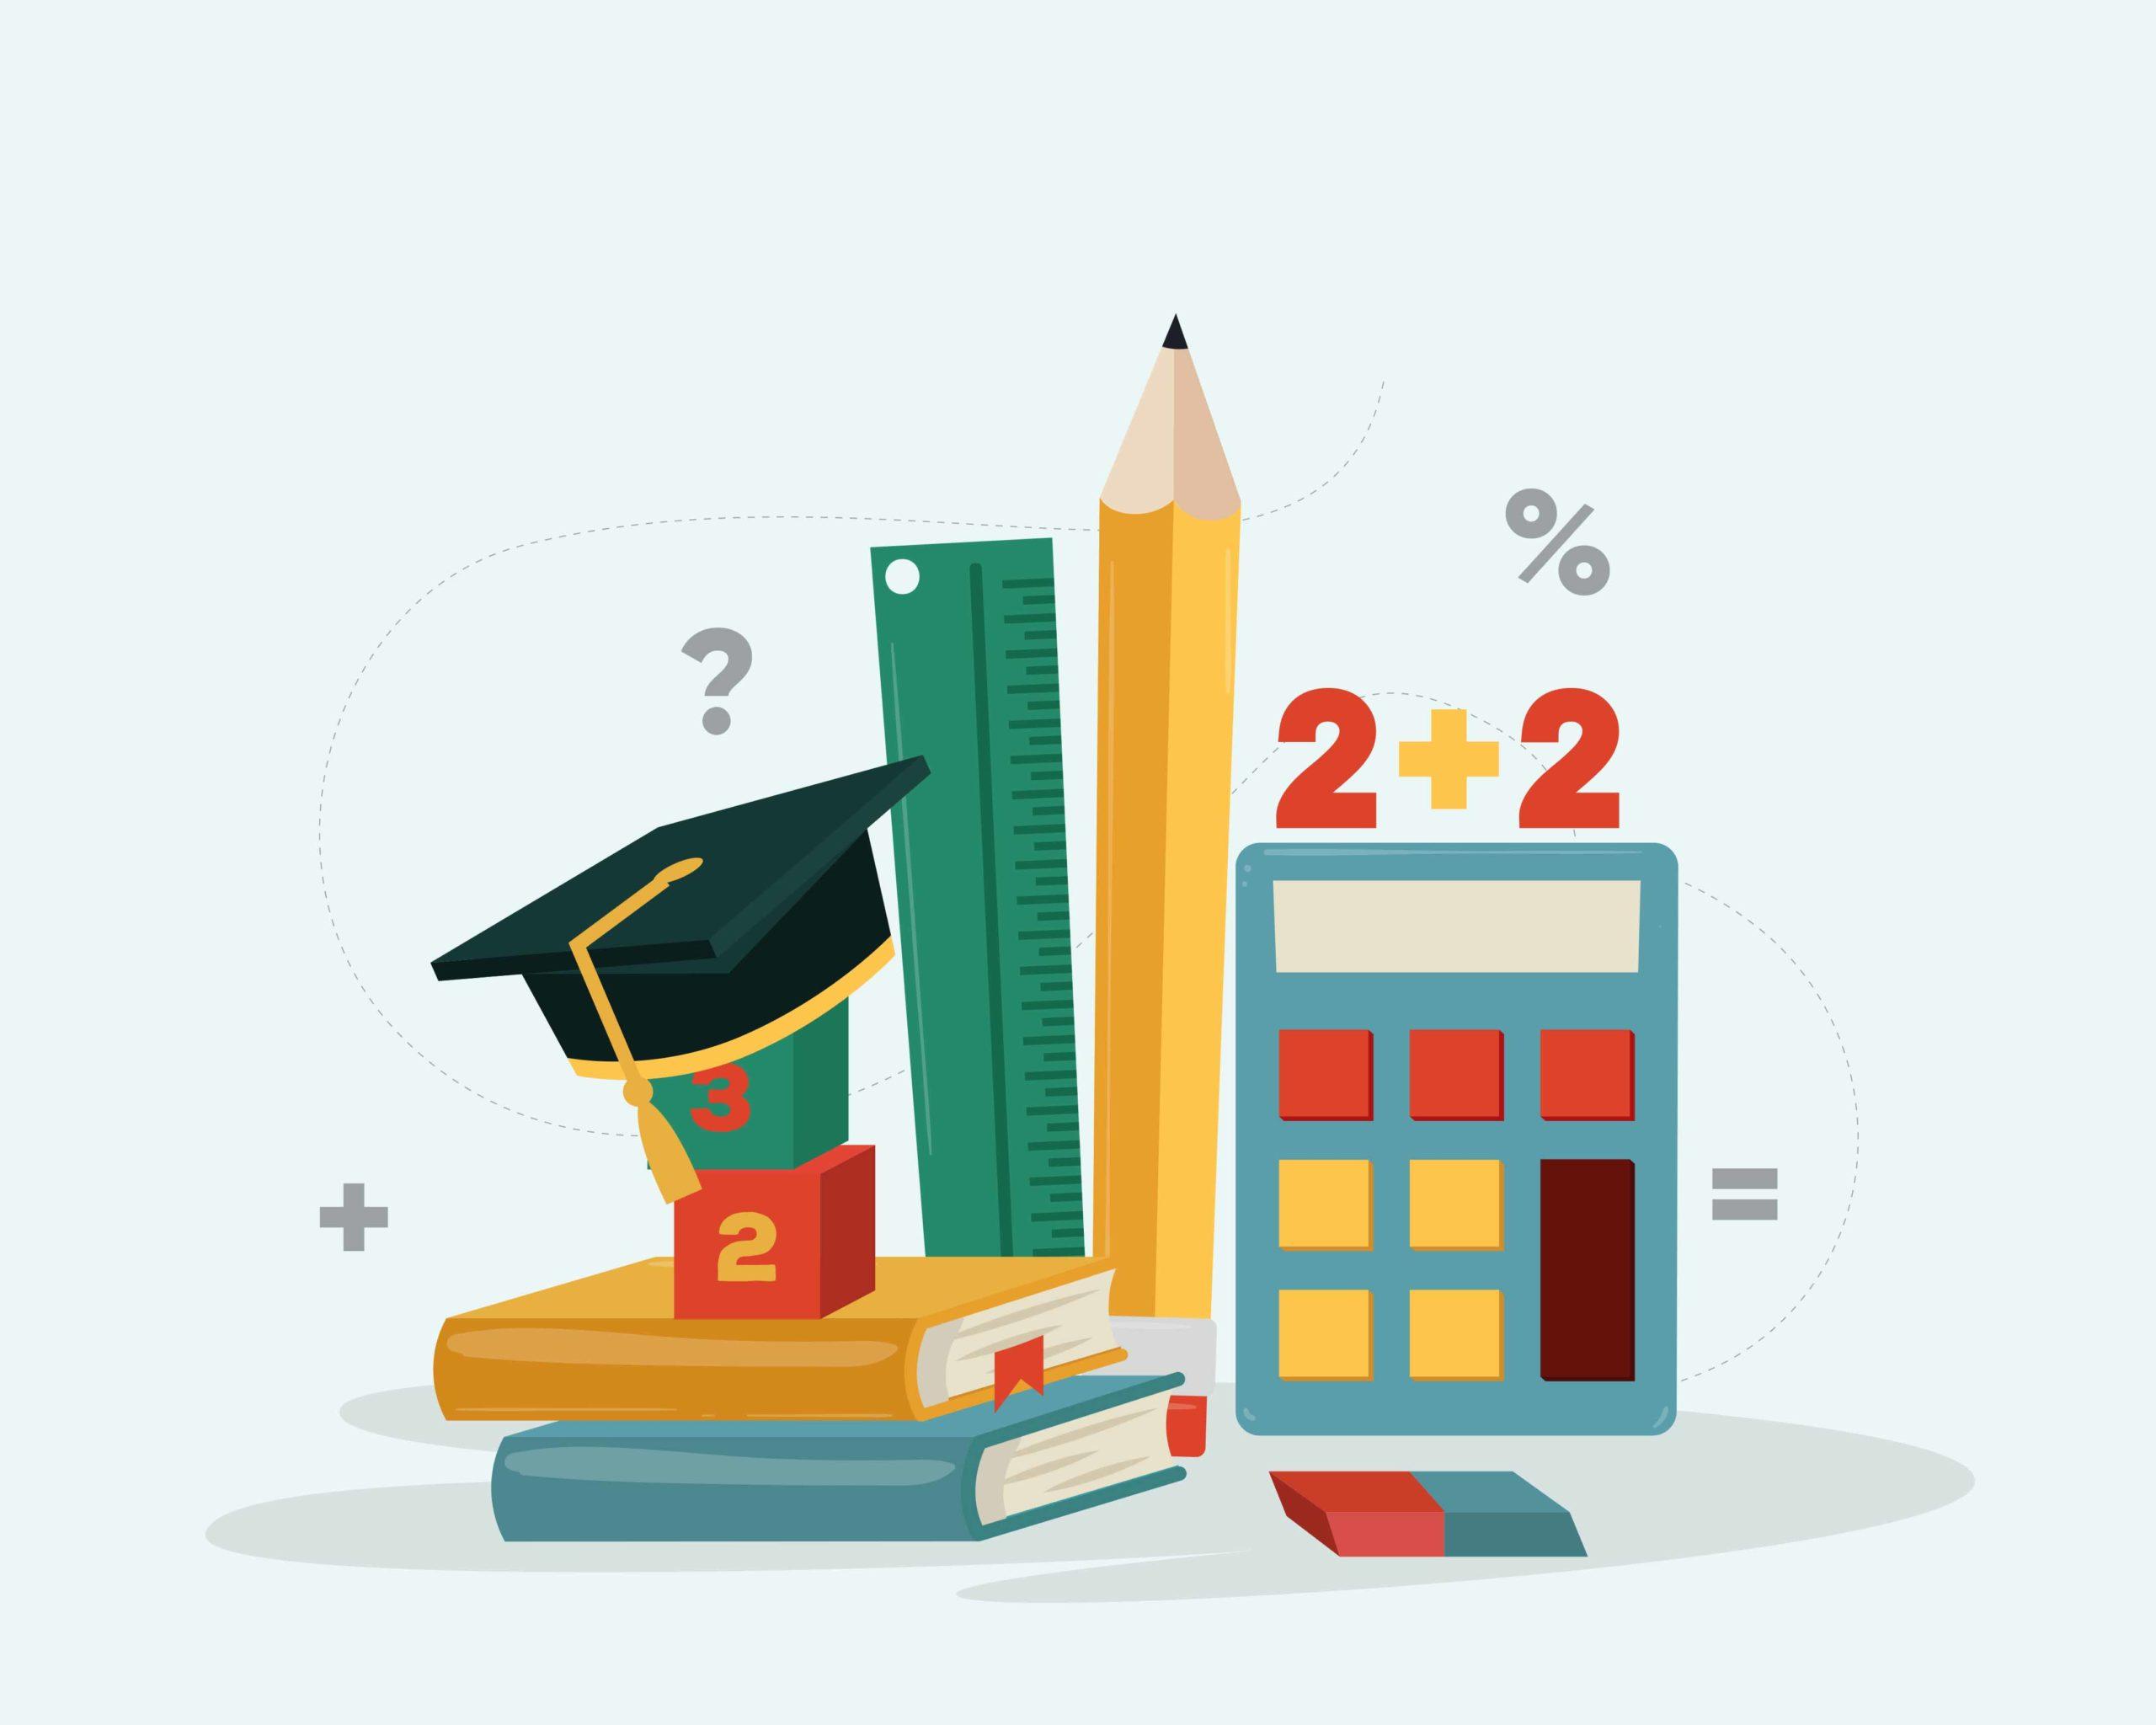 الرياضيات التطبيقية-ص١١-ف٢